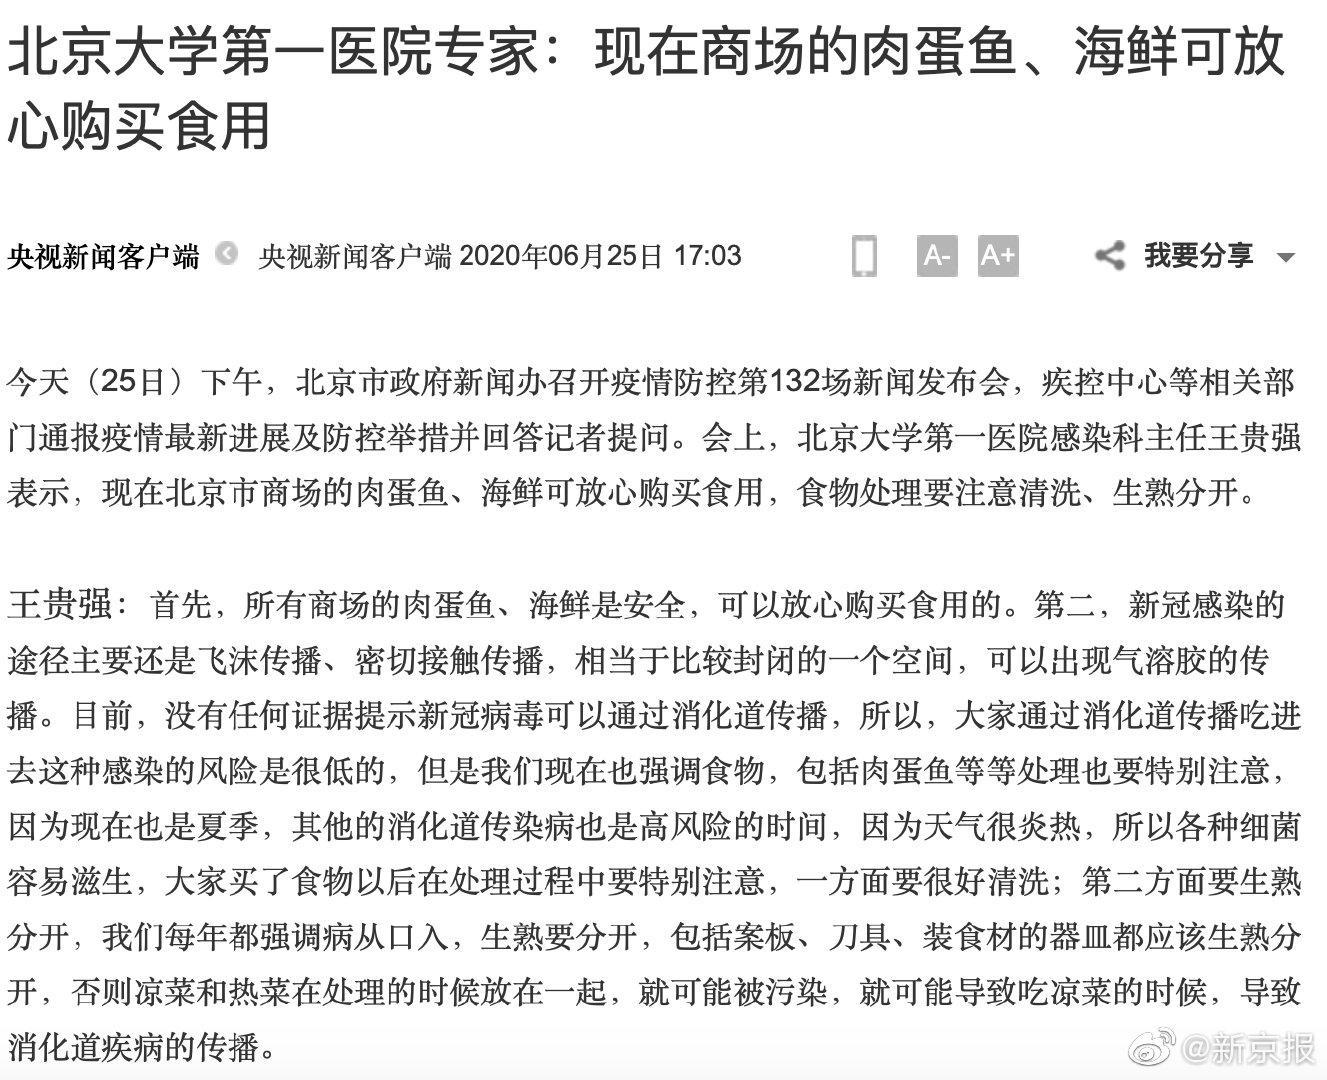 北京大学第一医院专家称现在商场肉蛋鱼海鲜可放心购买食用